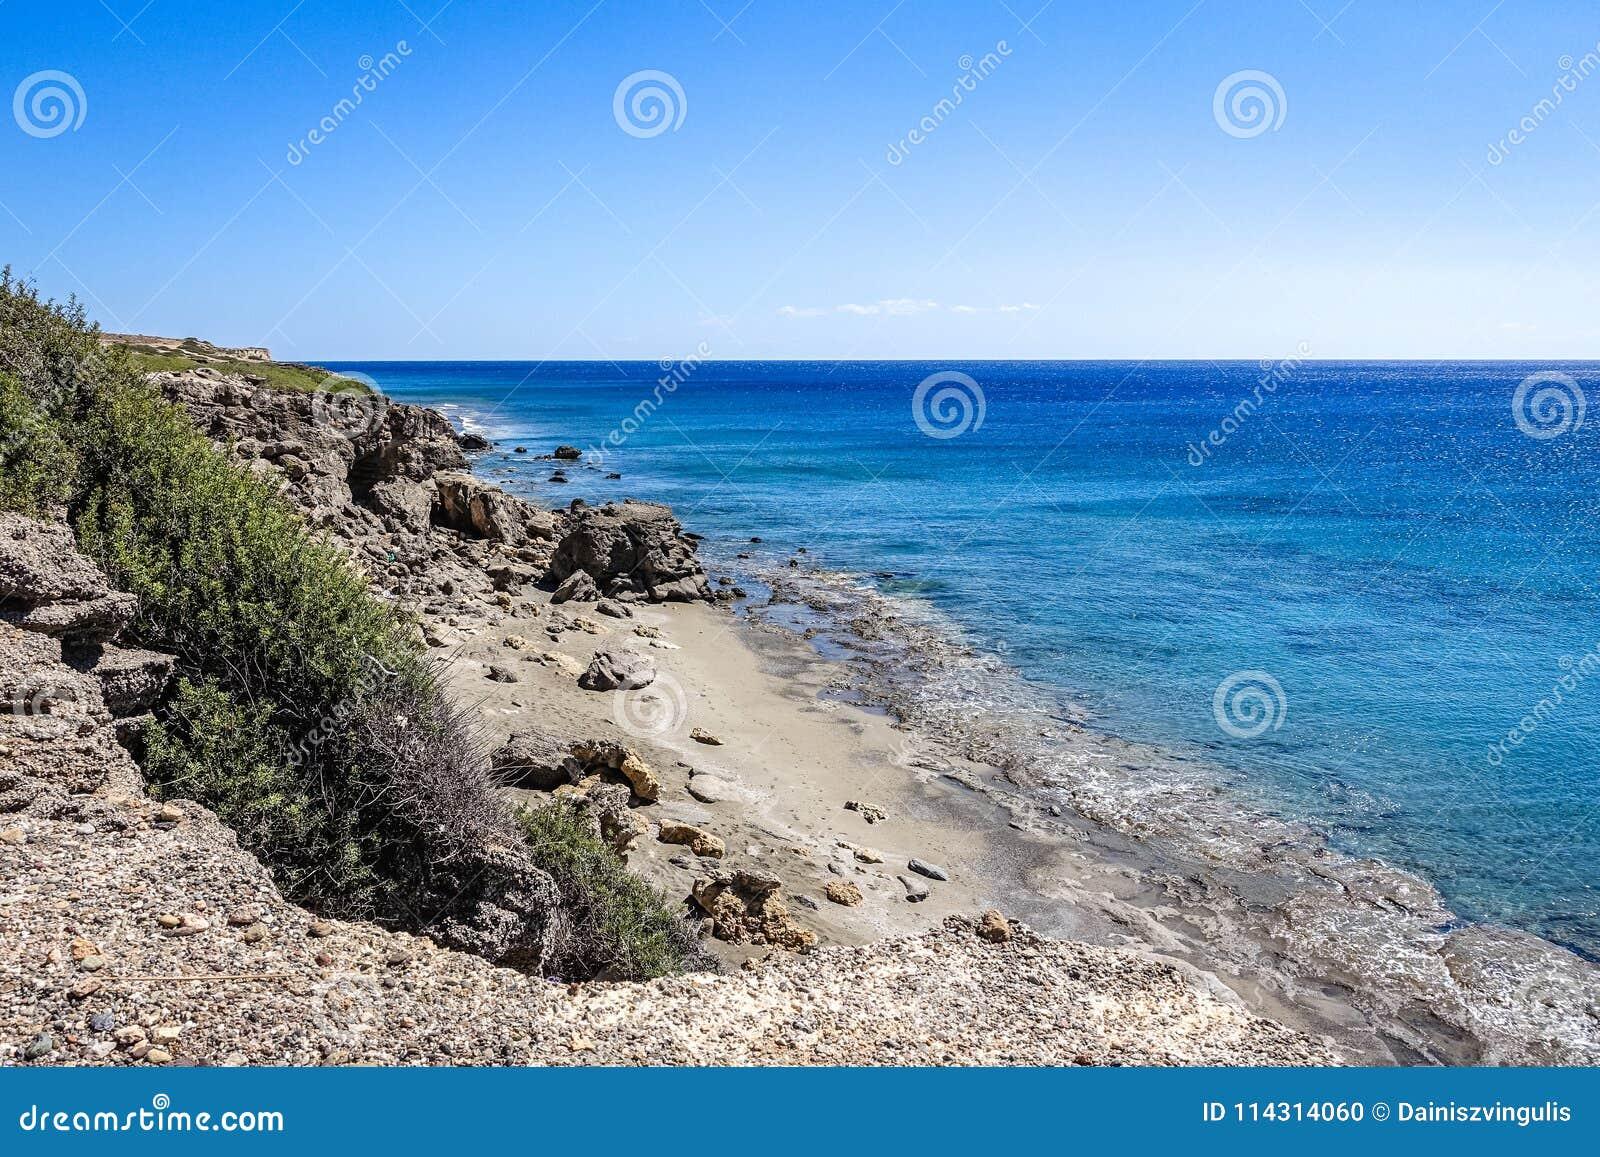 La costa es rocosa, una pequeña cala arenosa es visible